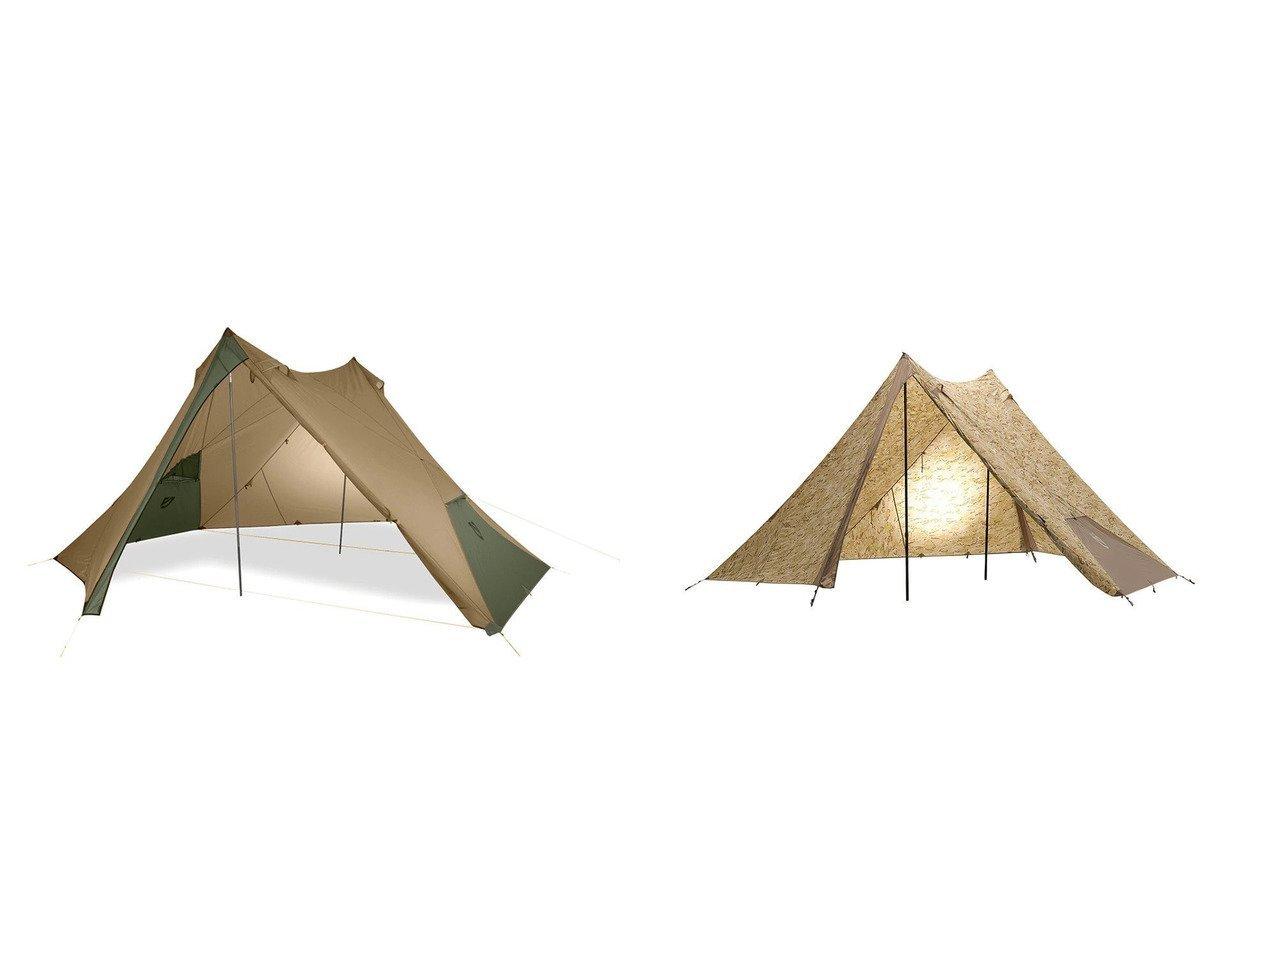 【NEMO/ニーモ】のヘキサタープ テント ヘキサライトSE 6P マルチカムアリッド NM-HEX-6P-MTCAR ドーム型テント&ヘキサタープ テント 6人用タープ HEXALITE 6P キャニオン NM-HEX-6P-CY おすすめ!人気キャンプ・アウトドア用品の通販 おすすめ人気トレンドファッション通販アイテム インテリア・キッズ・メンズ・レディースファッション・服の通販 founy(ファニー)  ファッション Fashion キッズファッション KIDS コーティング ホーム・キャンプ・アウトドア Home,Garden,Outdoor,Camping Gear キャンプ用品・アウトドア  Camping Gear & Outdoor Supplies テント タープ Tents, Tarp |ID:crp329100000037460